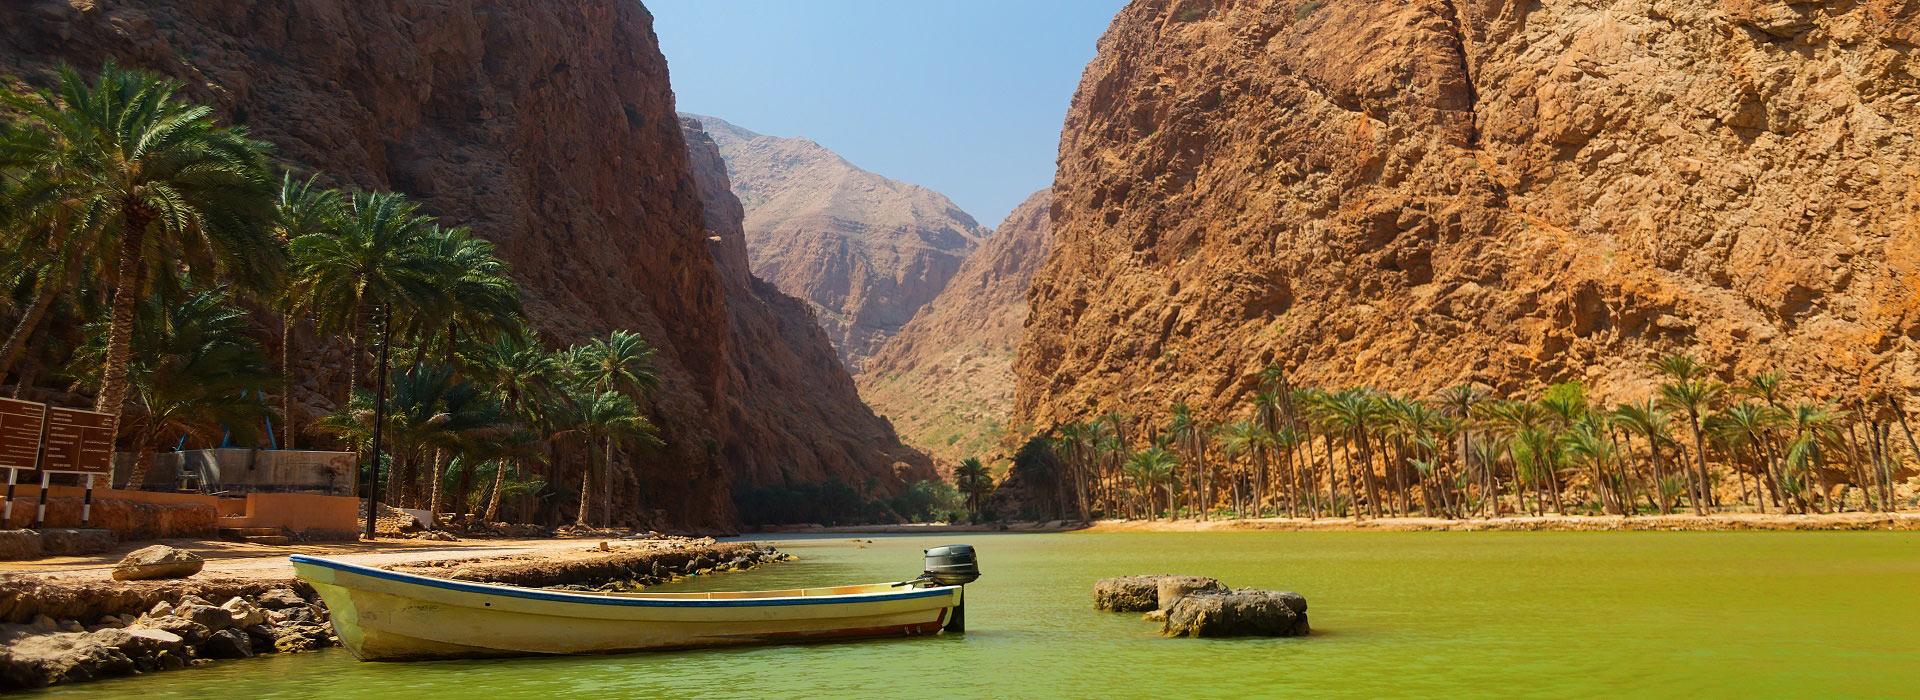 wadi_shab_oman